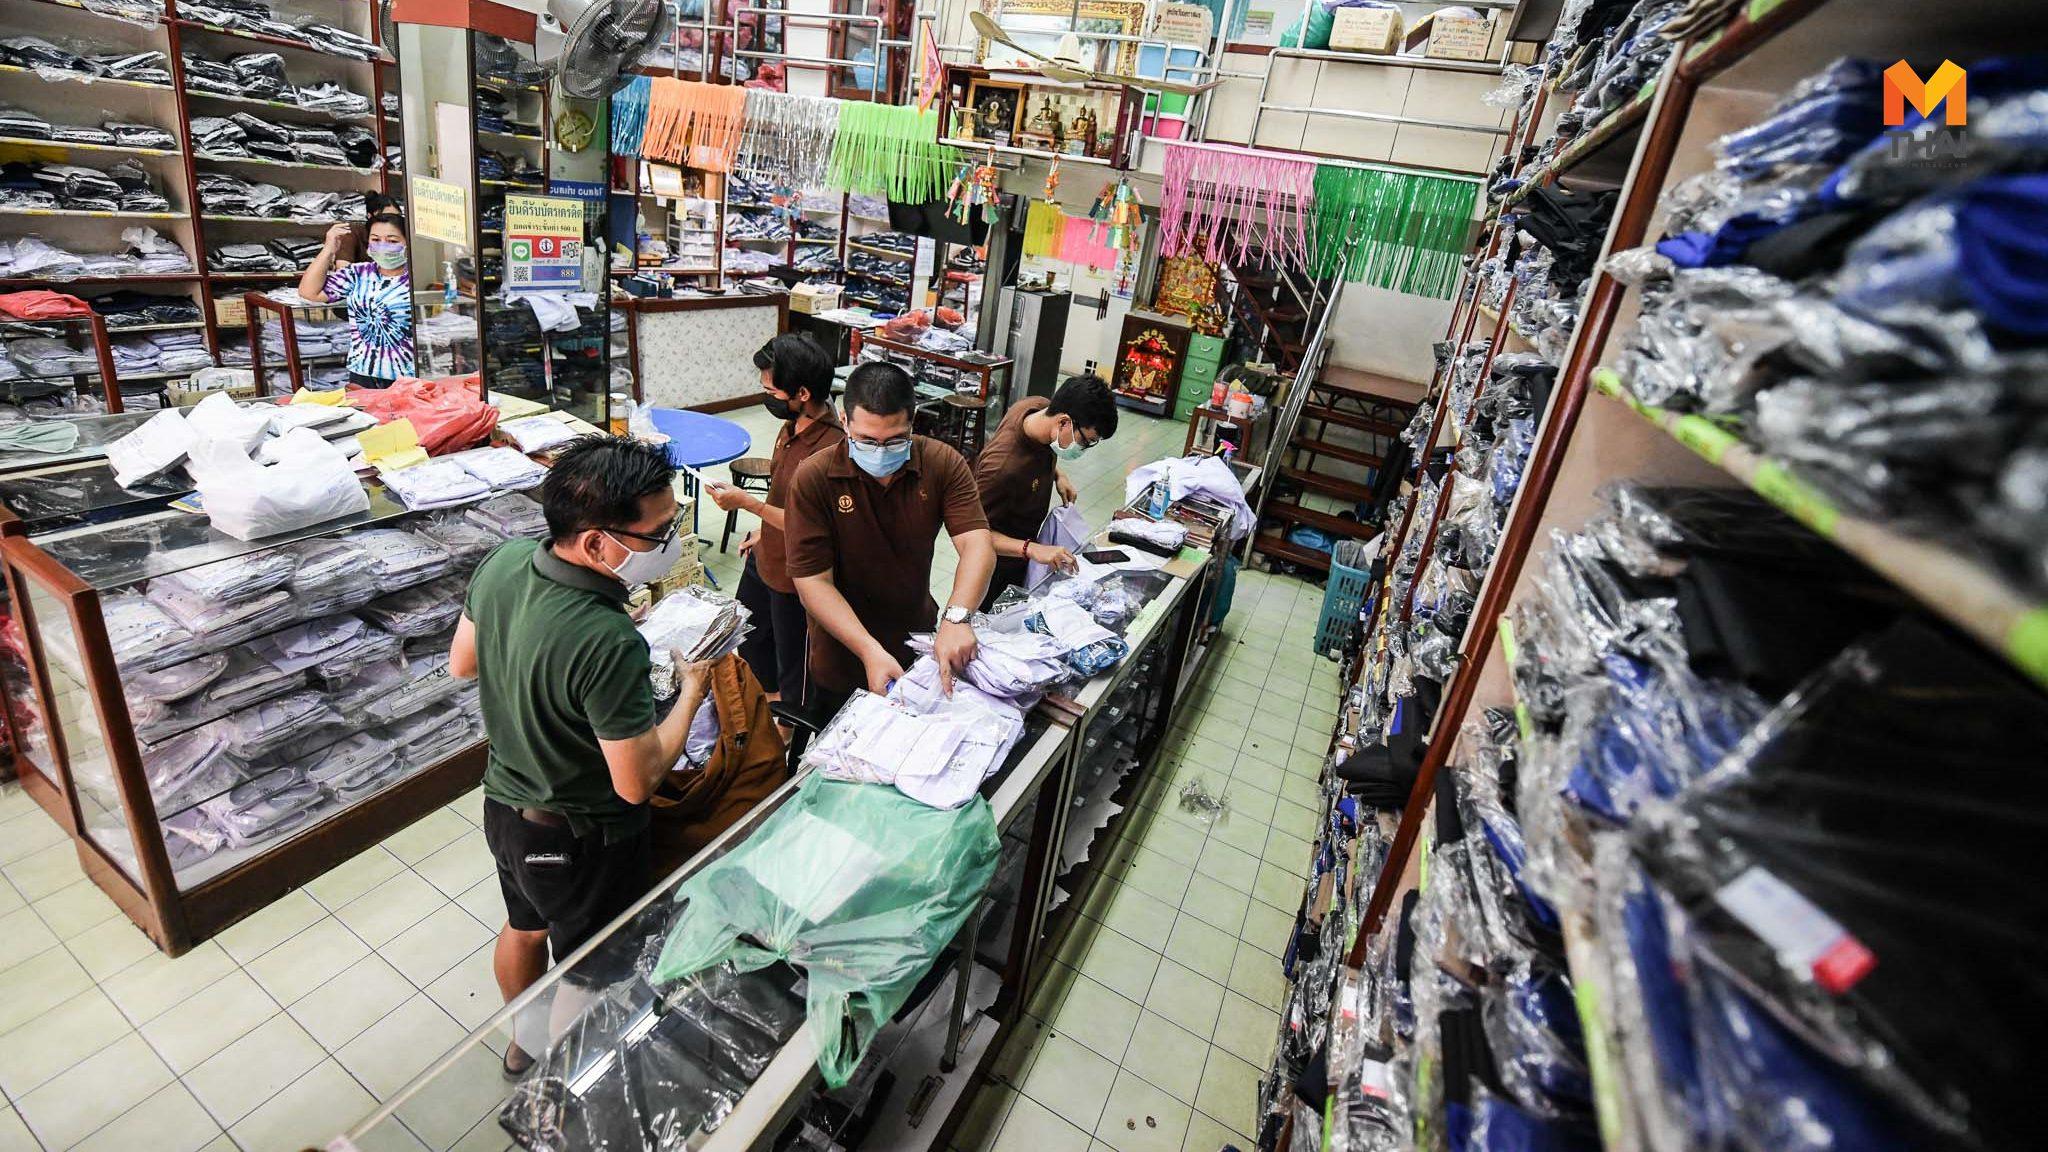 เงียบเหงา! ร้านจำหน่ายชุดนักเรียน ยอดขายตกกว่า 60 %